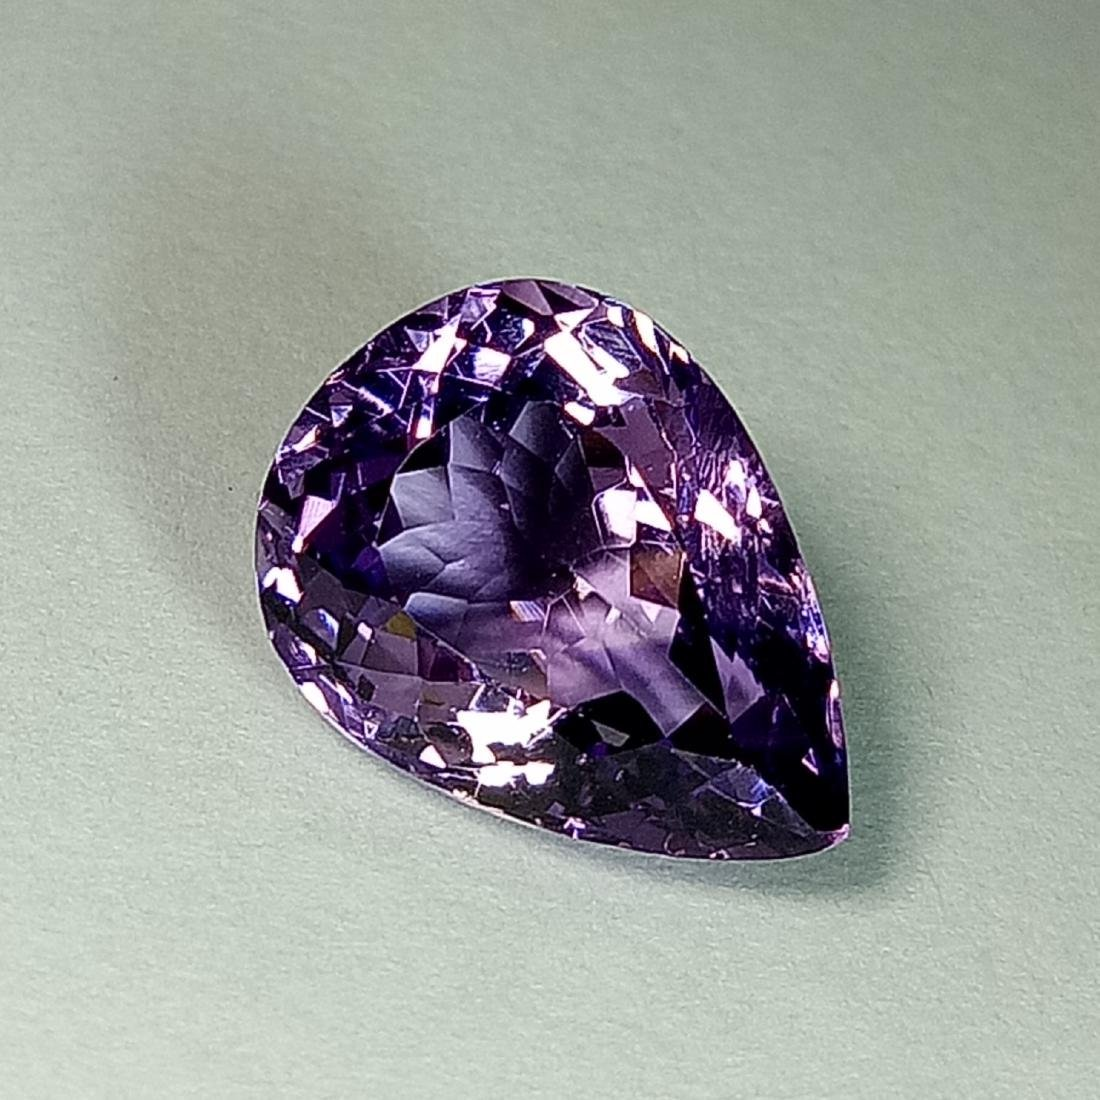 Amethyst - 6.52 Carat Loose - 2